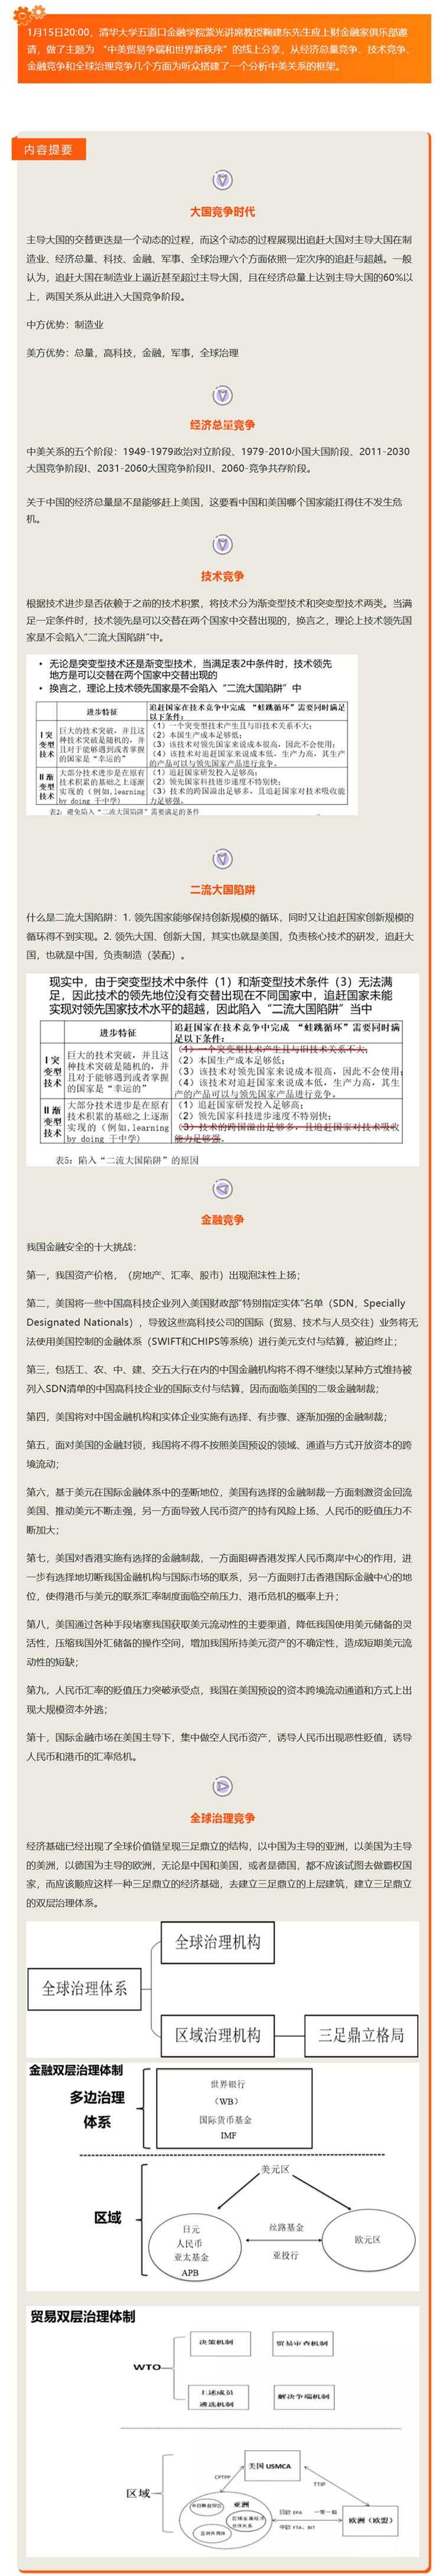 FireShot Capture 043 - FM金融家·有声沙龙 - 鞠建东:中美贸易争端与世界新秩序 - mp.weixin.qq.com.png